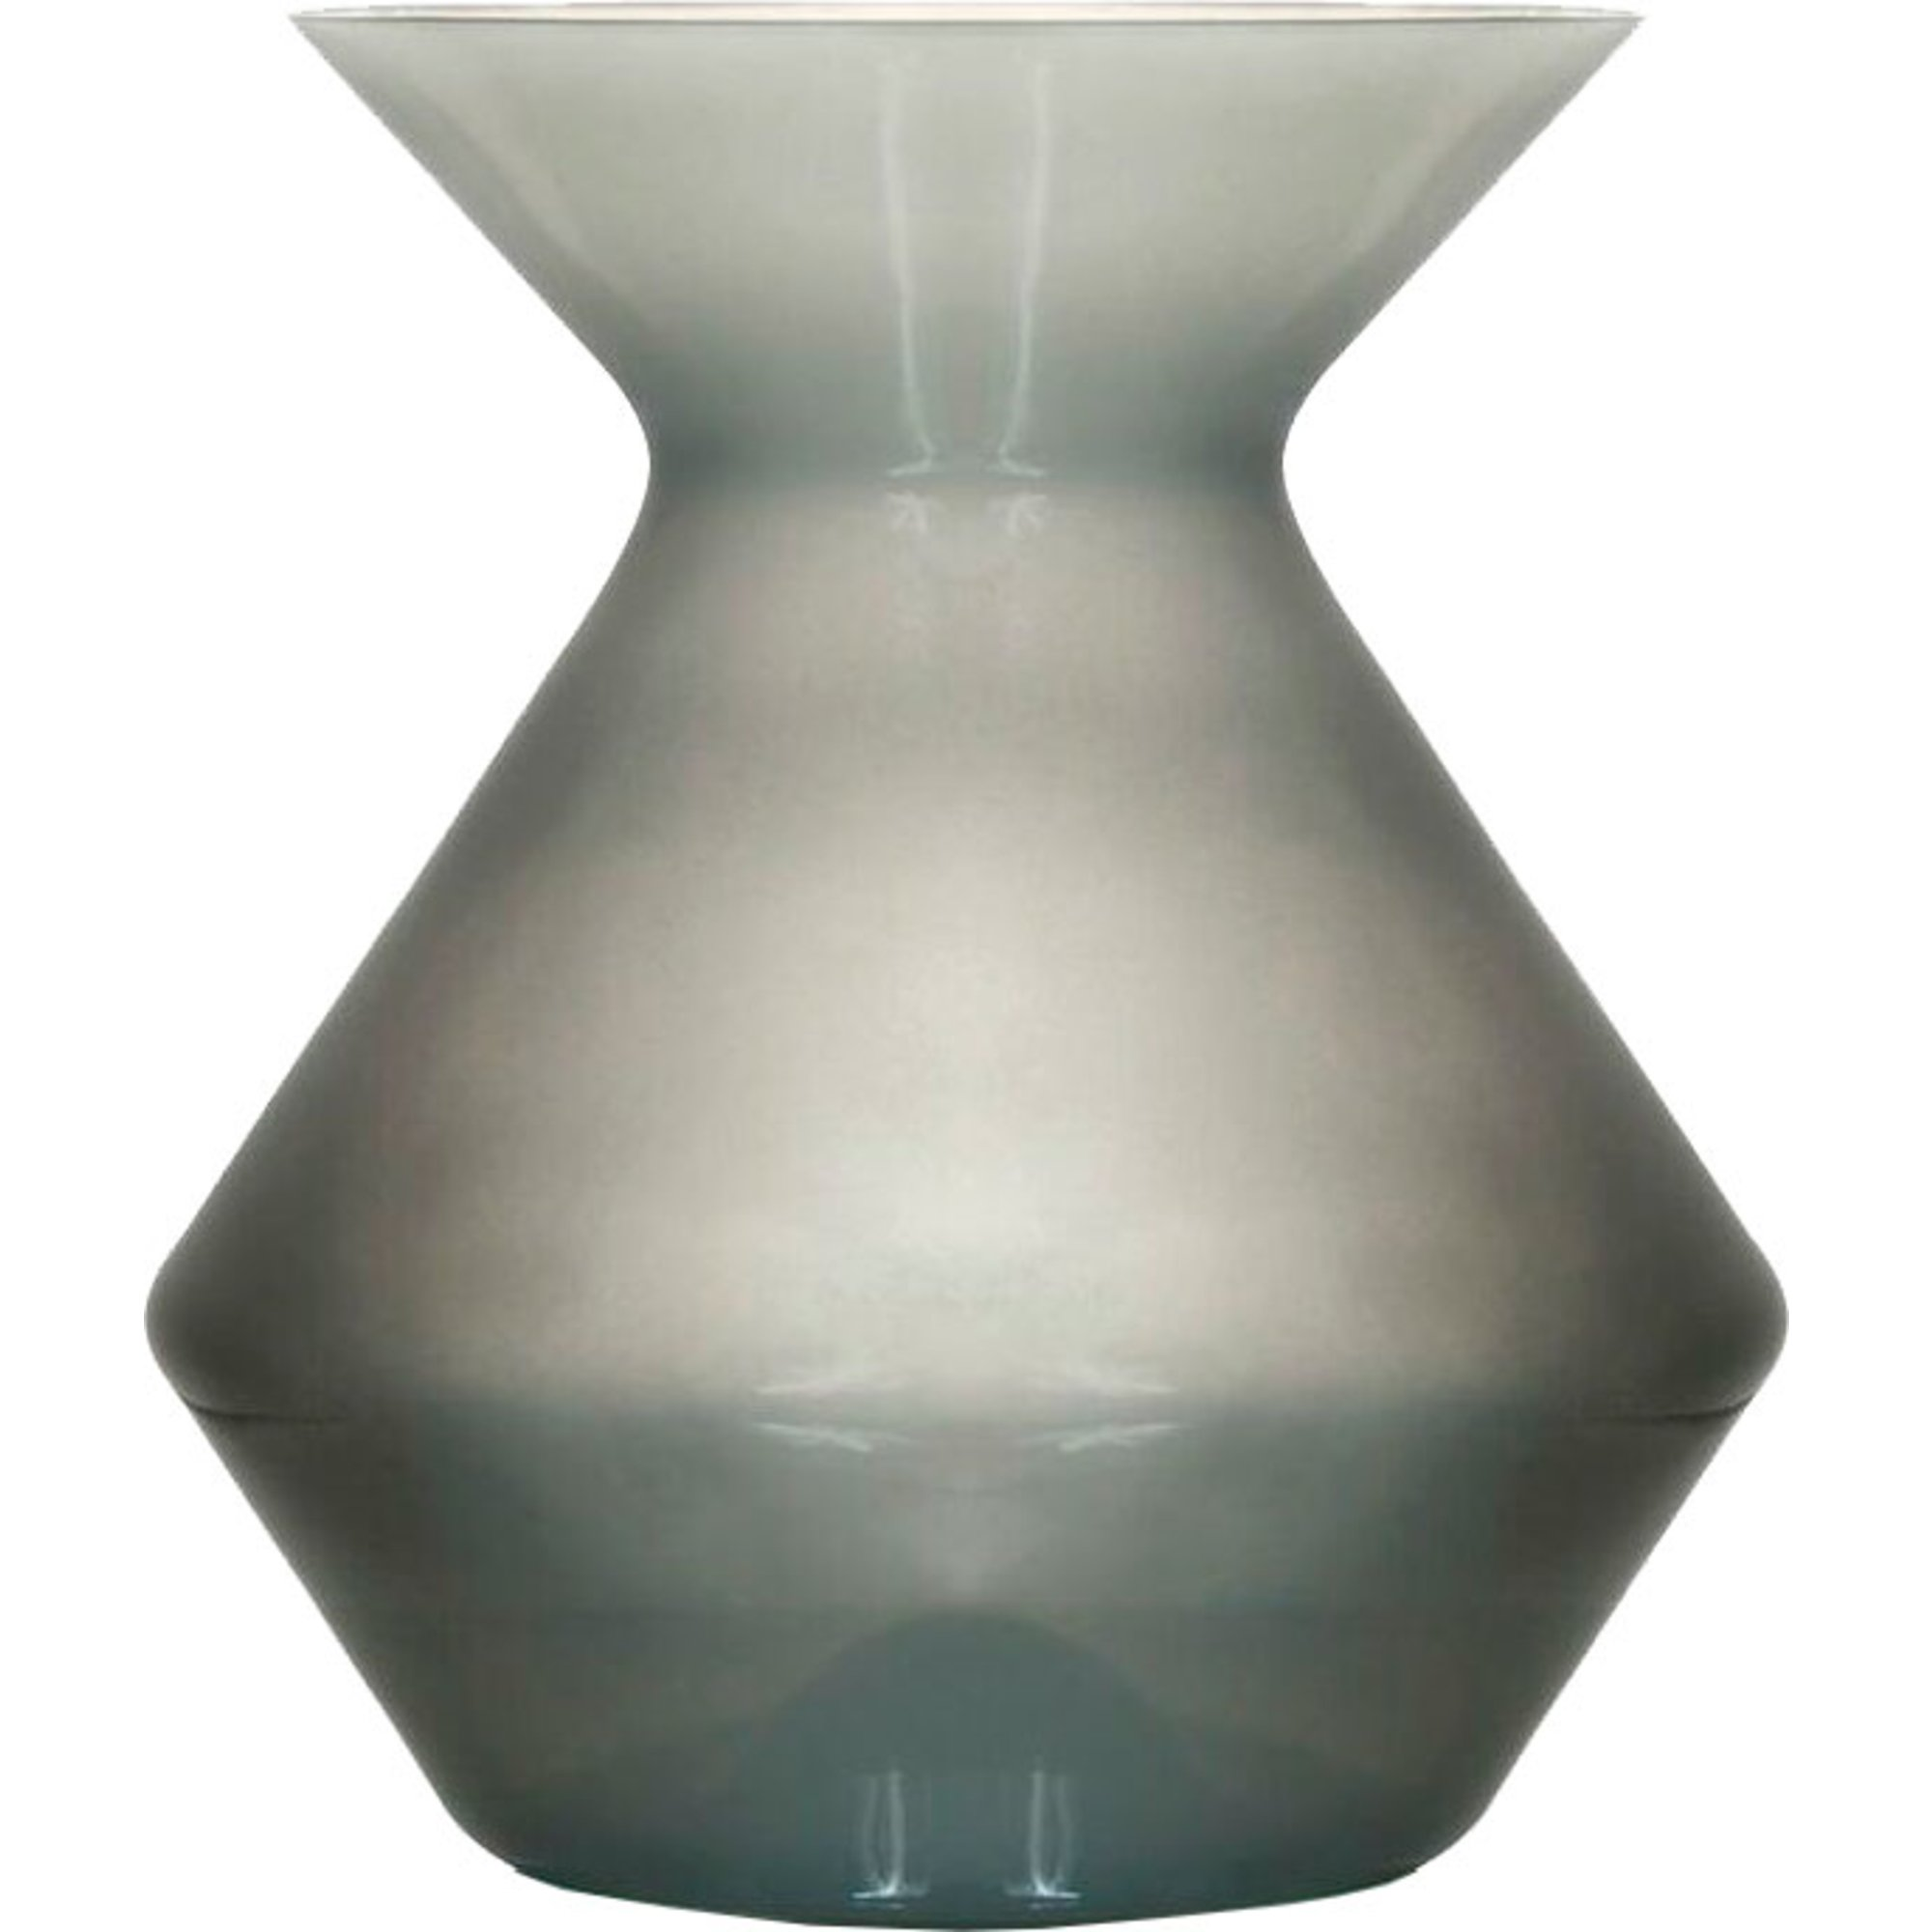 Zalto Spittoon 250 spottkopp 29 liter grå